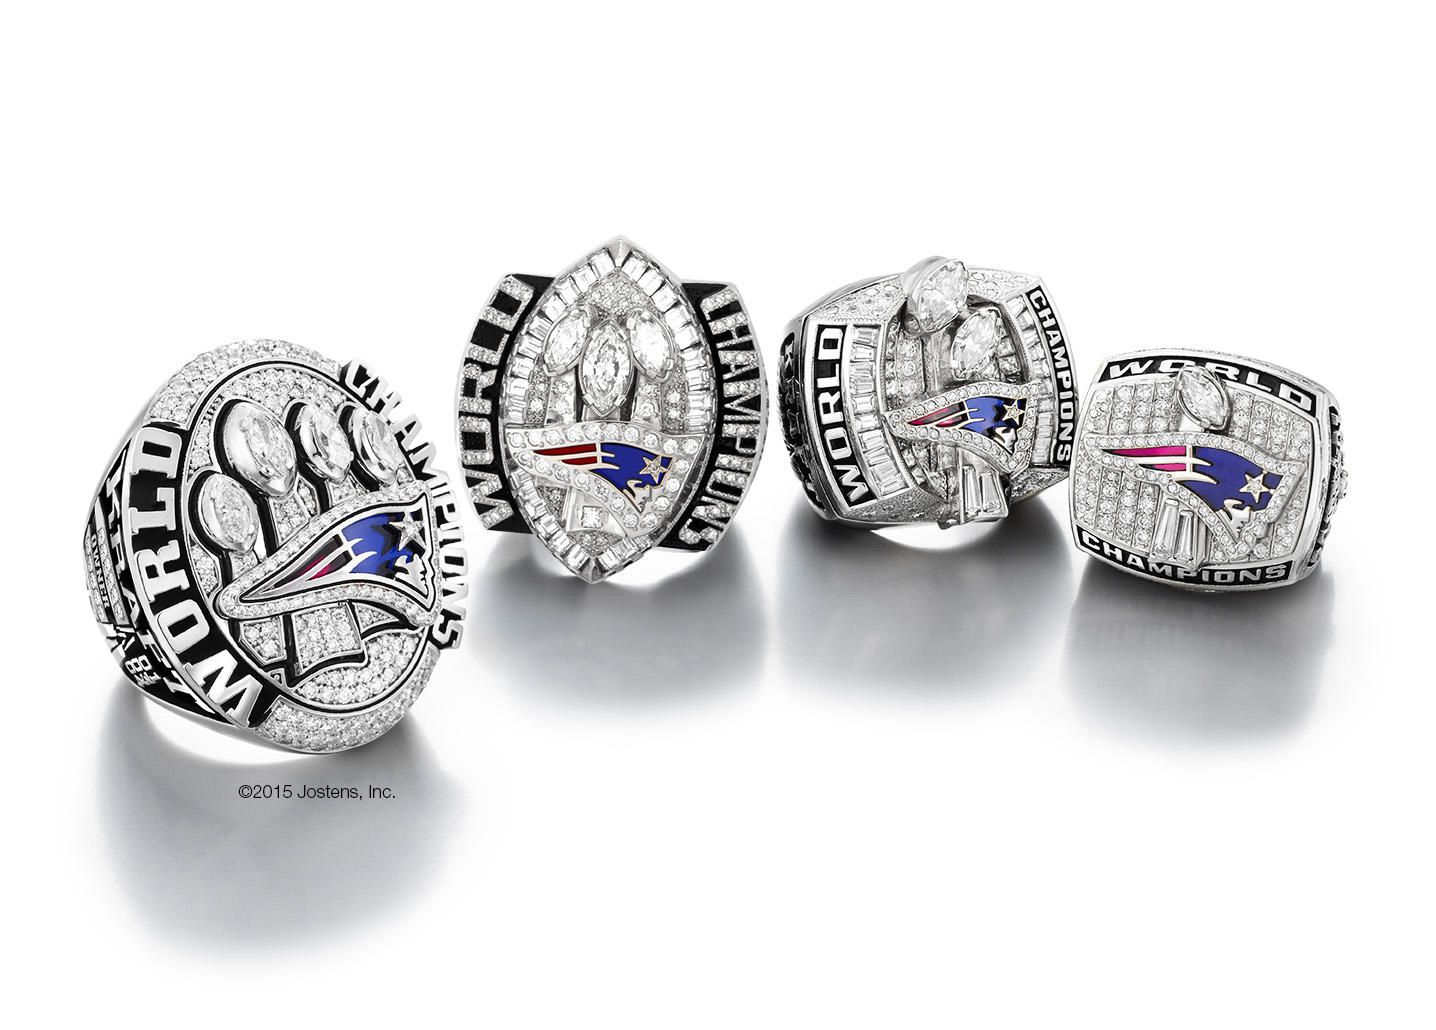 Patriots Super Bowl Xlix Championship Ring New England Patriots Super Bowl Rings Patriots